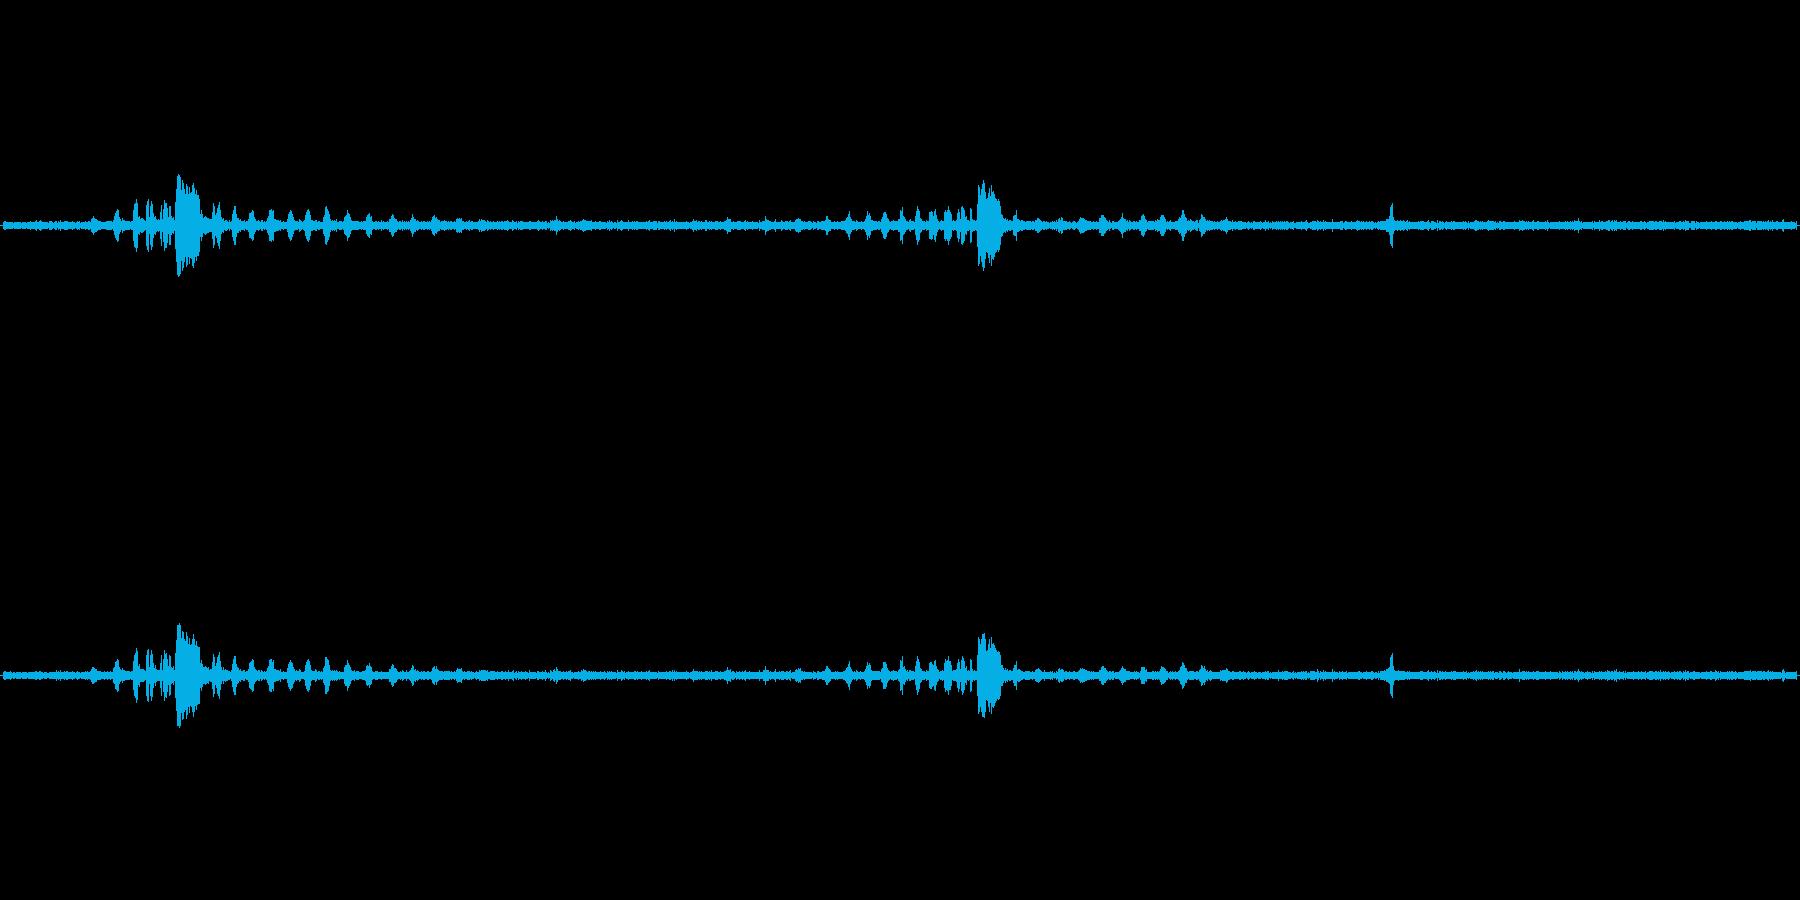 ブッポウソウの声 鳥の声 環境音の再生済みの波形